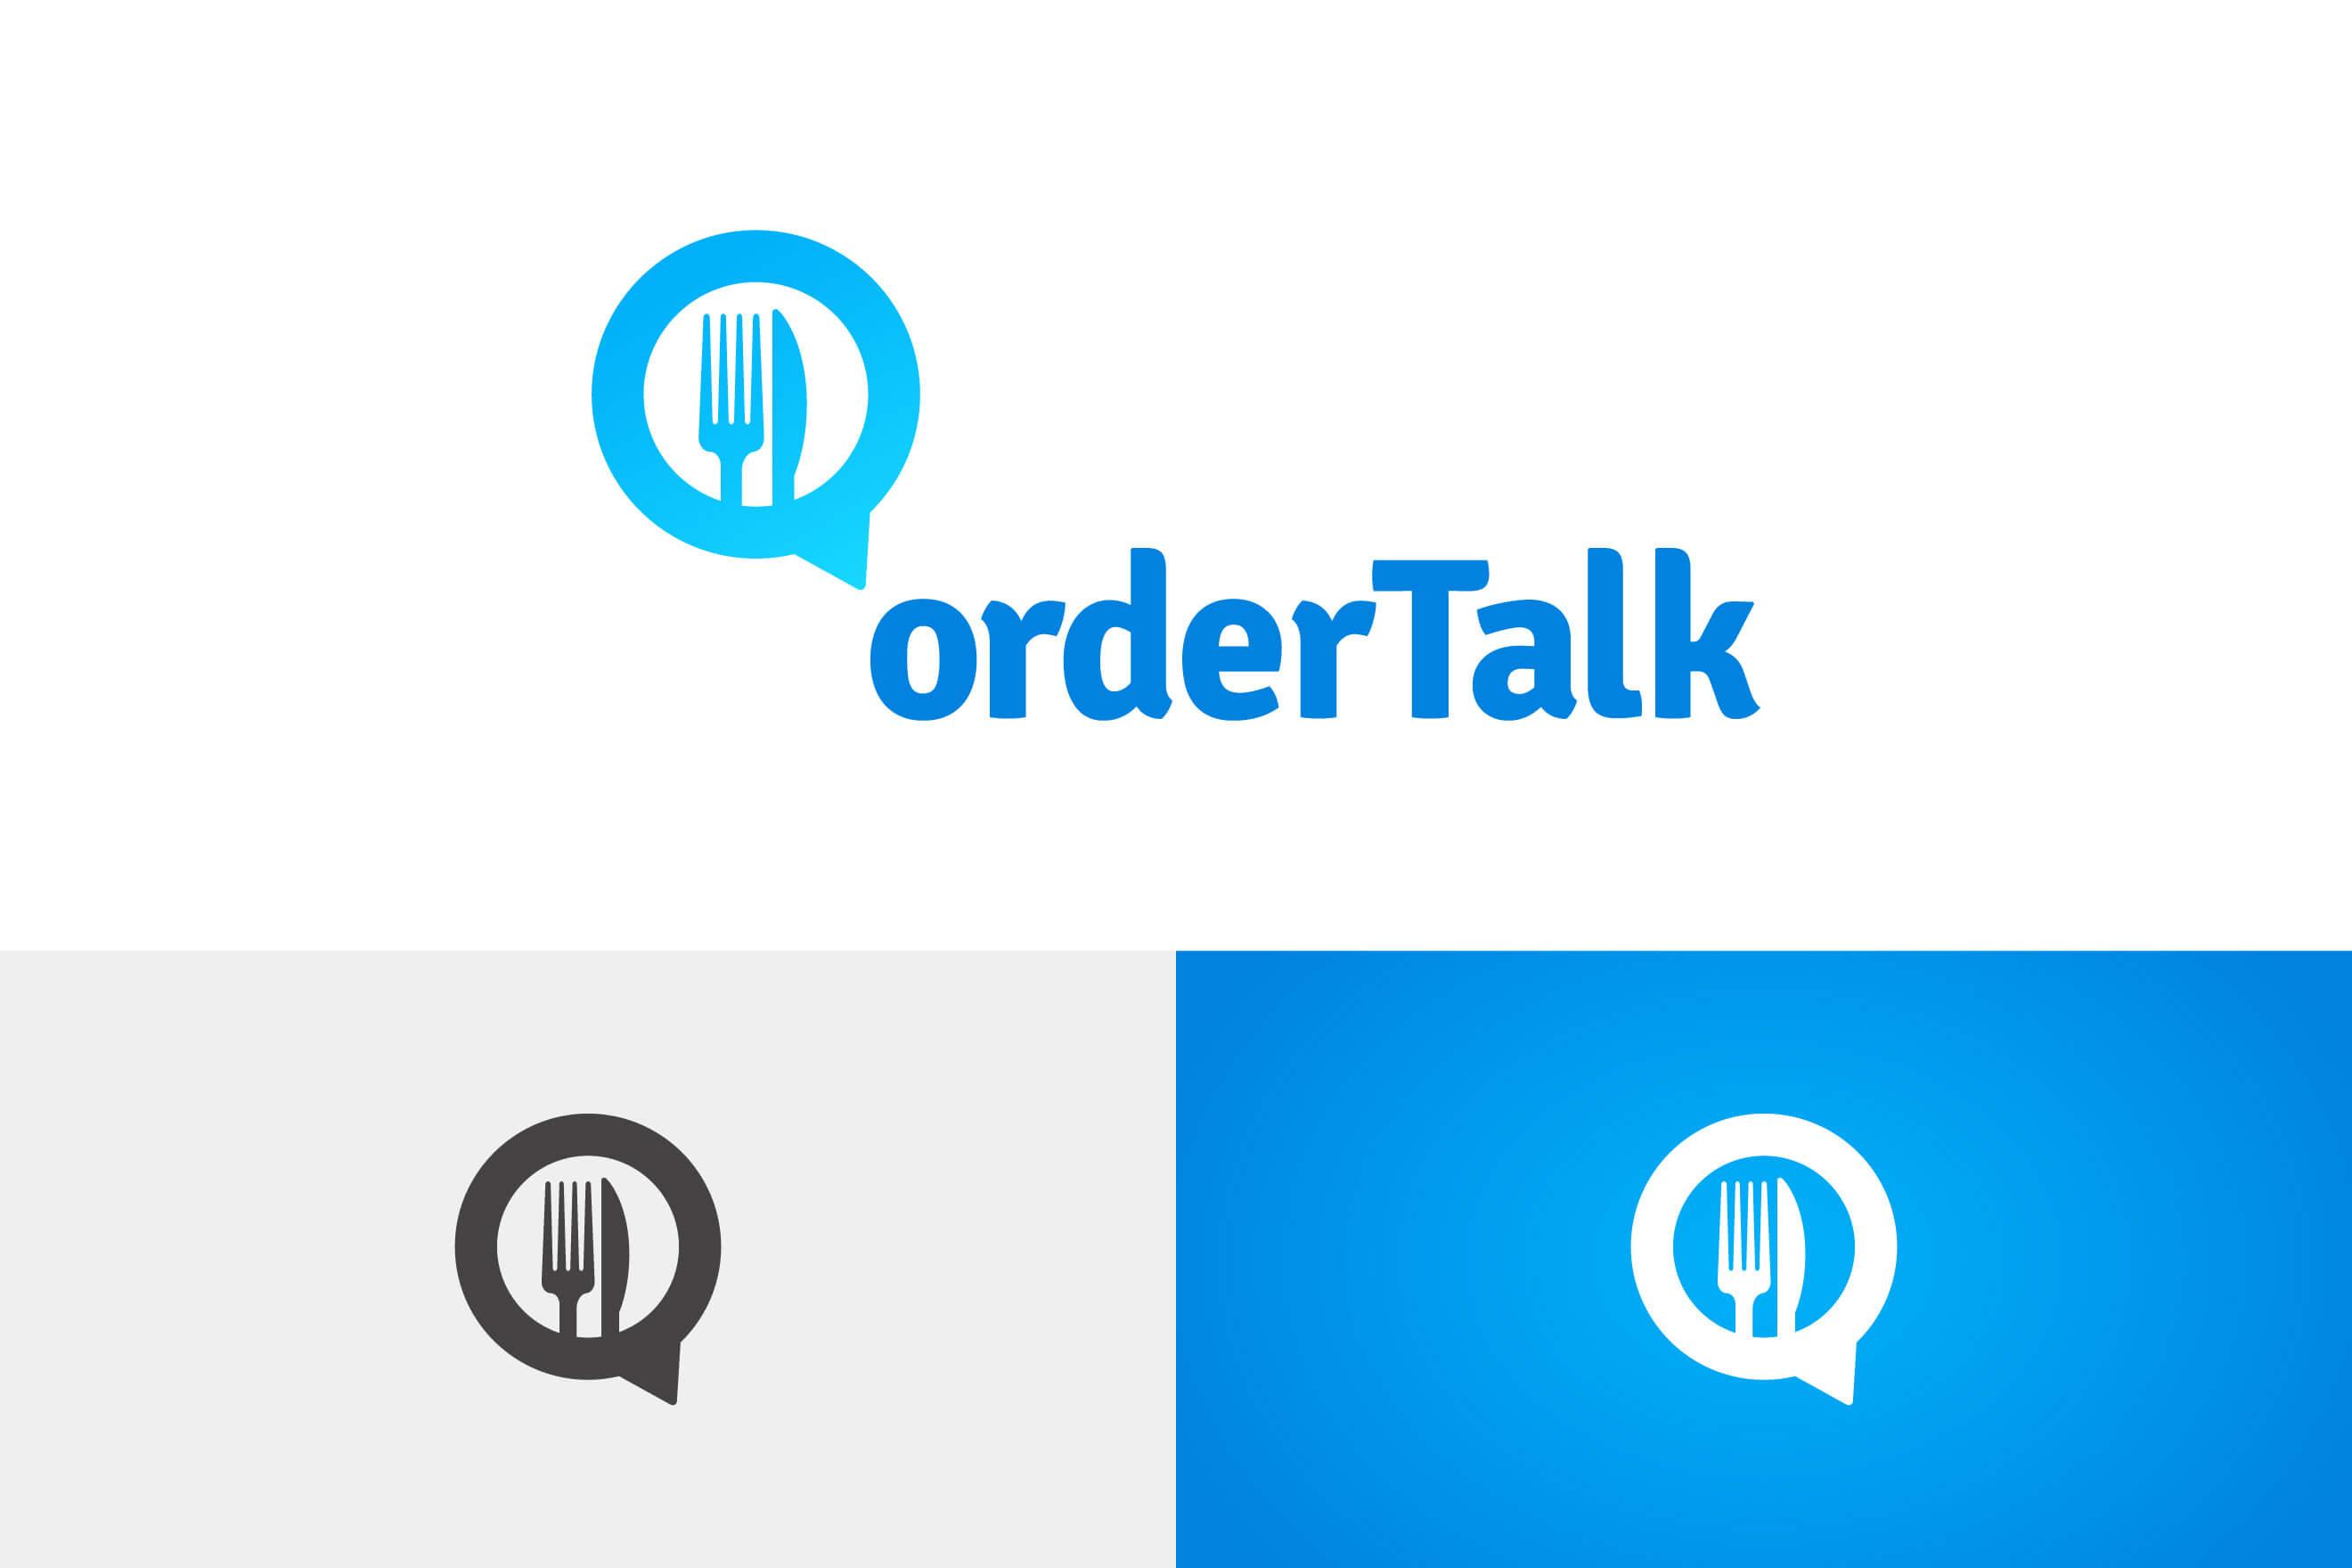 logo design for oderTalk